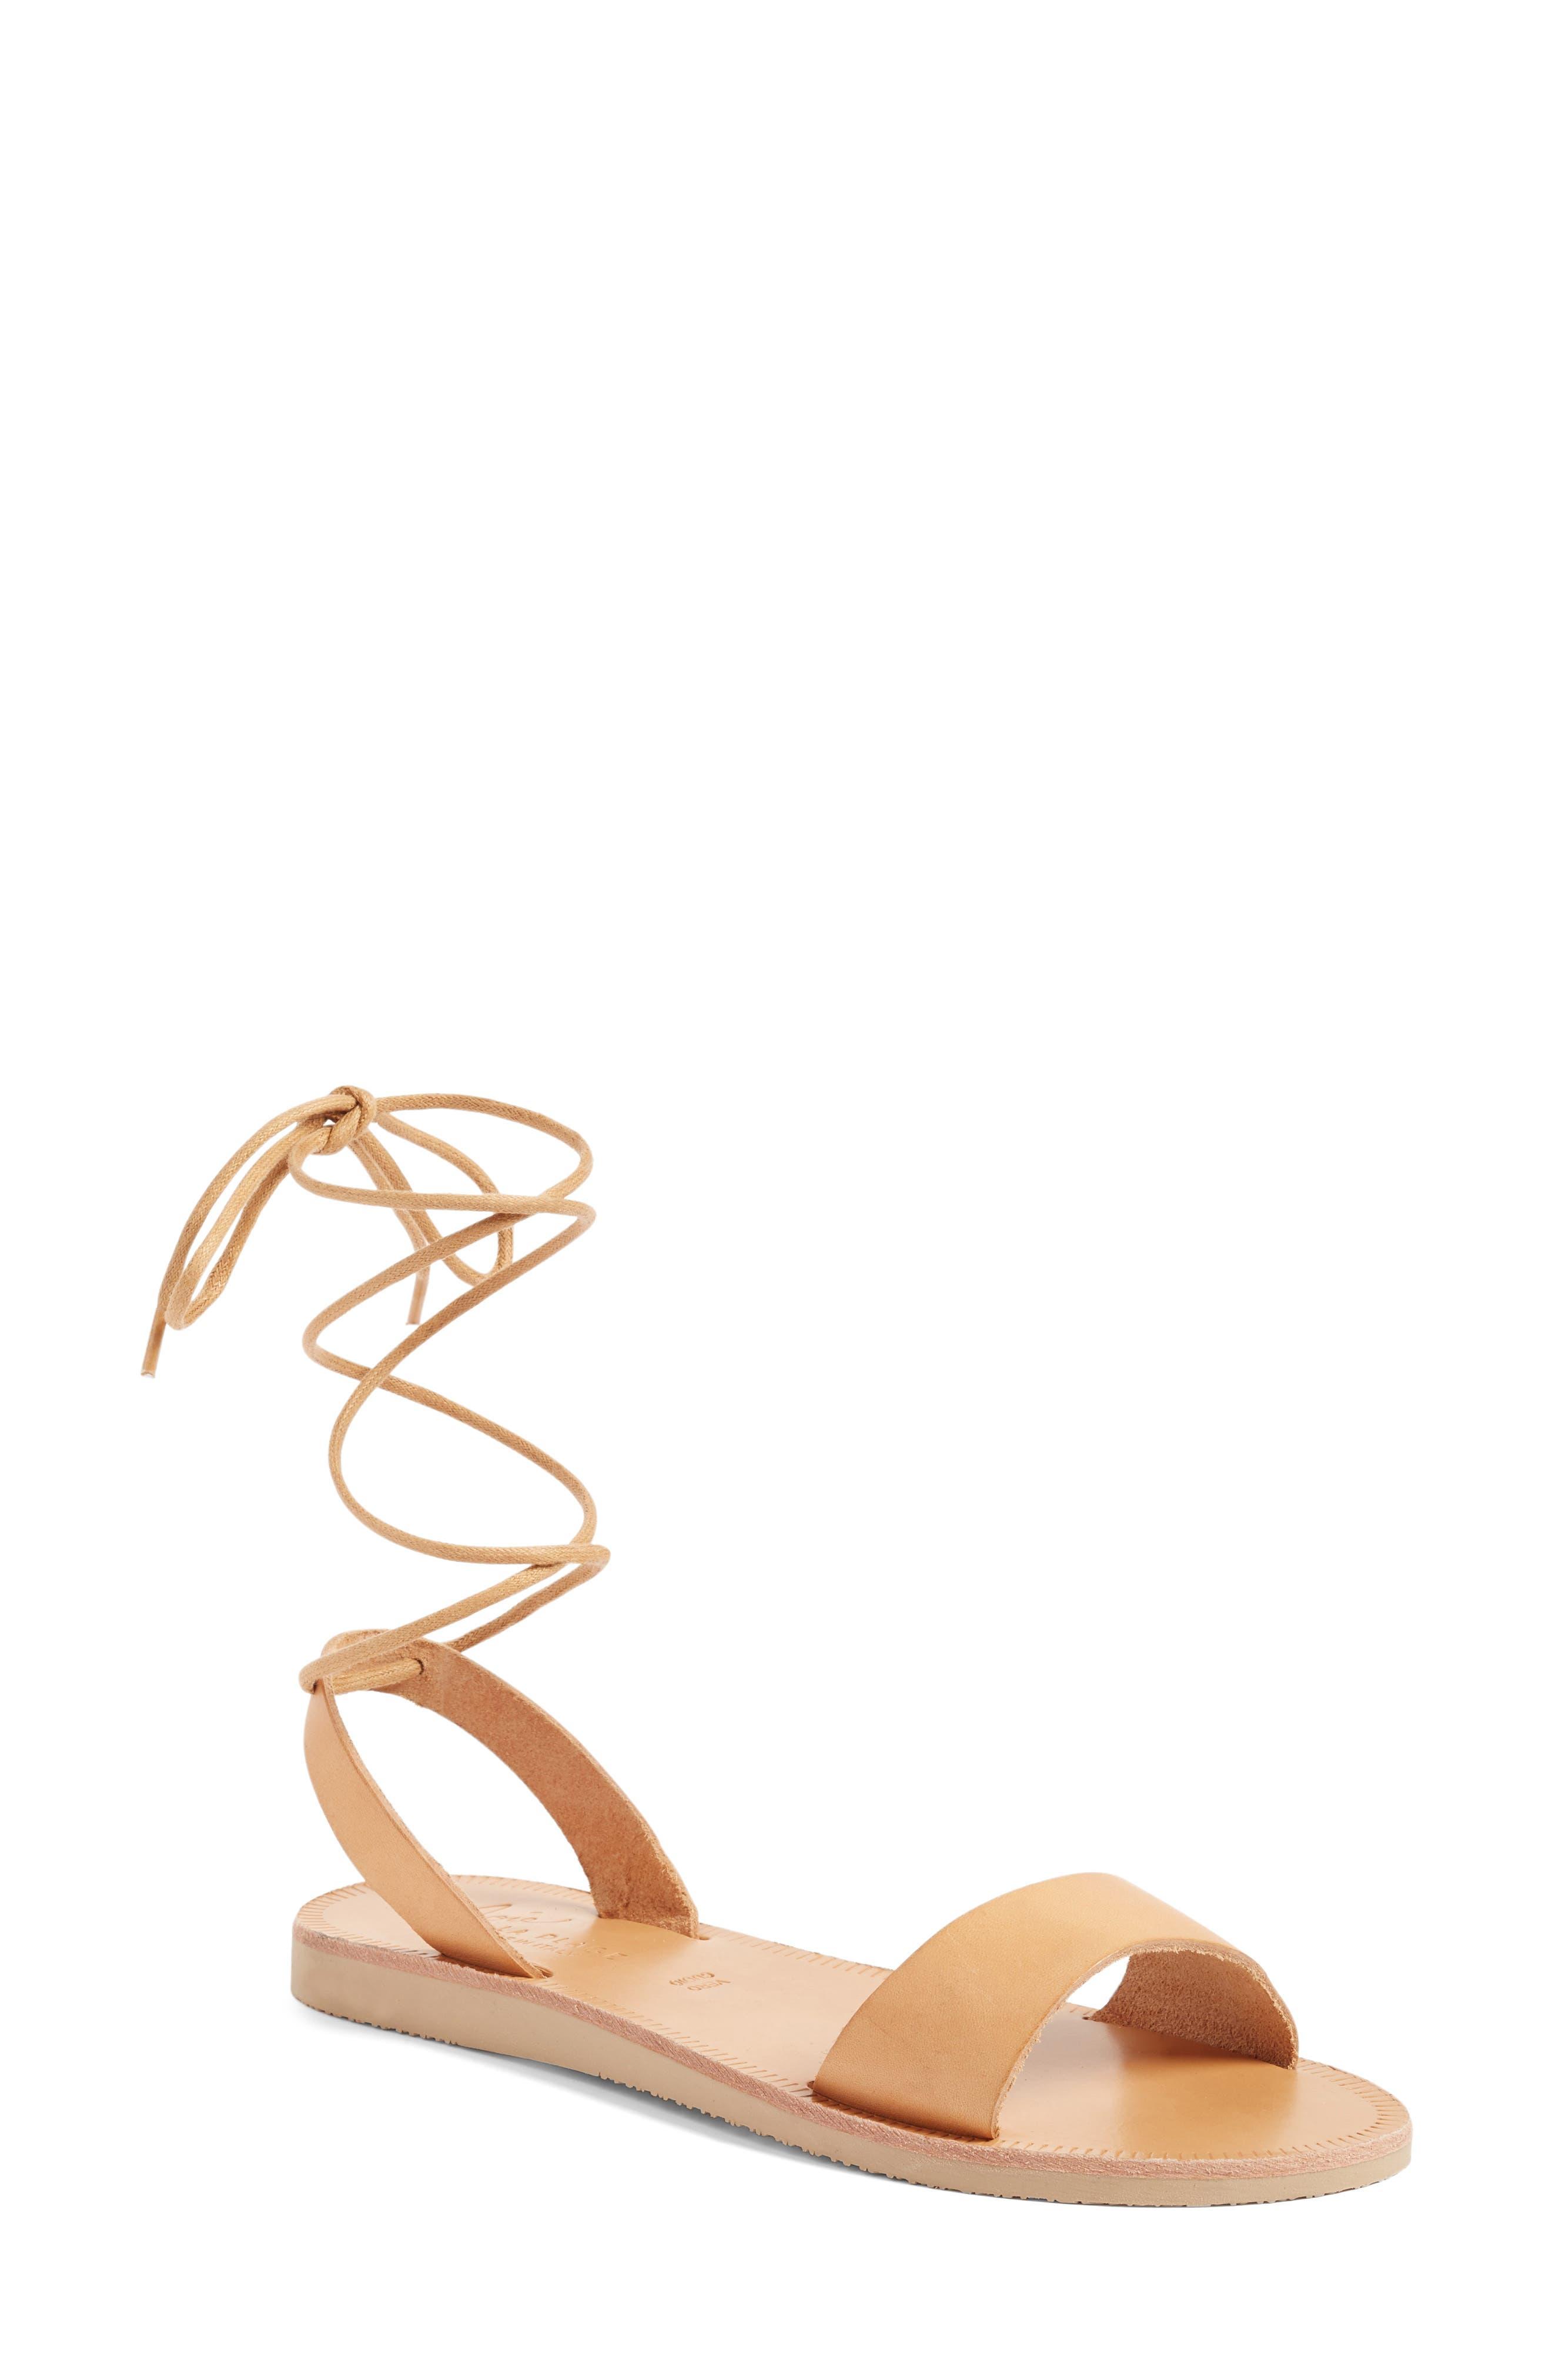 Pietra Ankle Wrap Sandal,                             Alternate thumbnail 2, color,